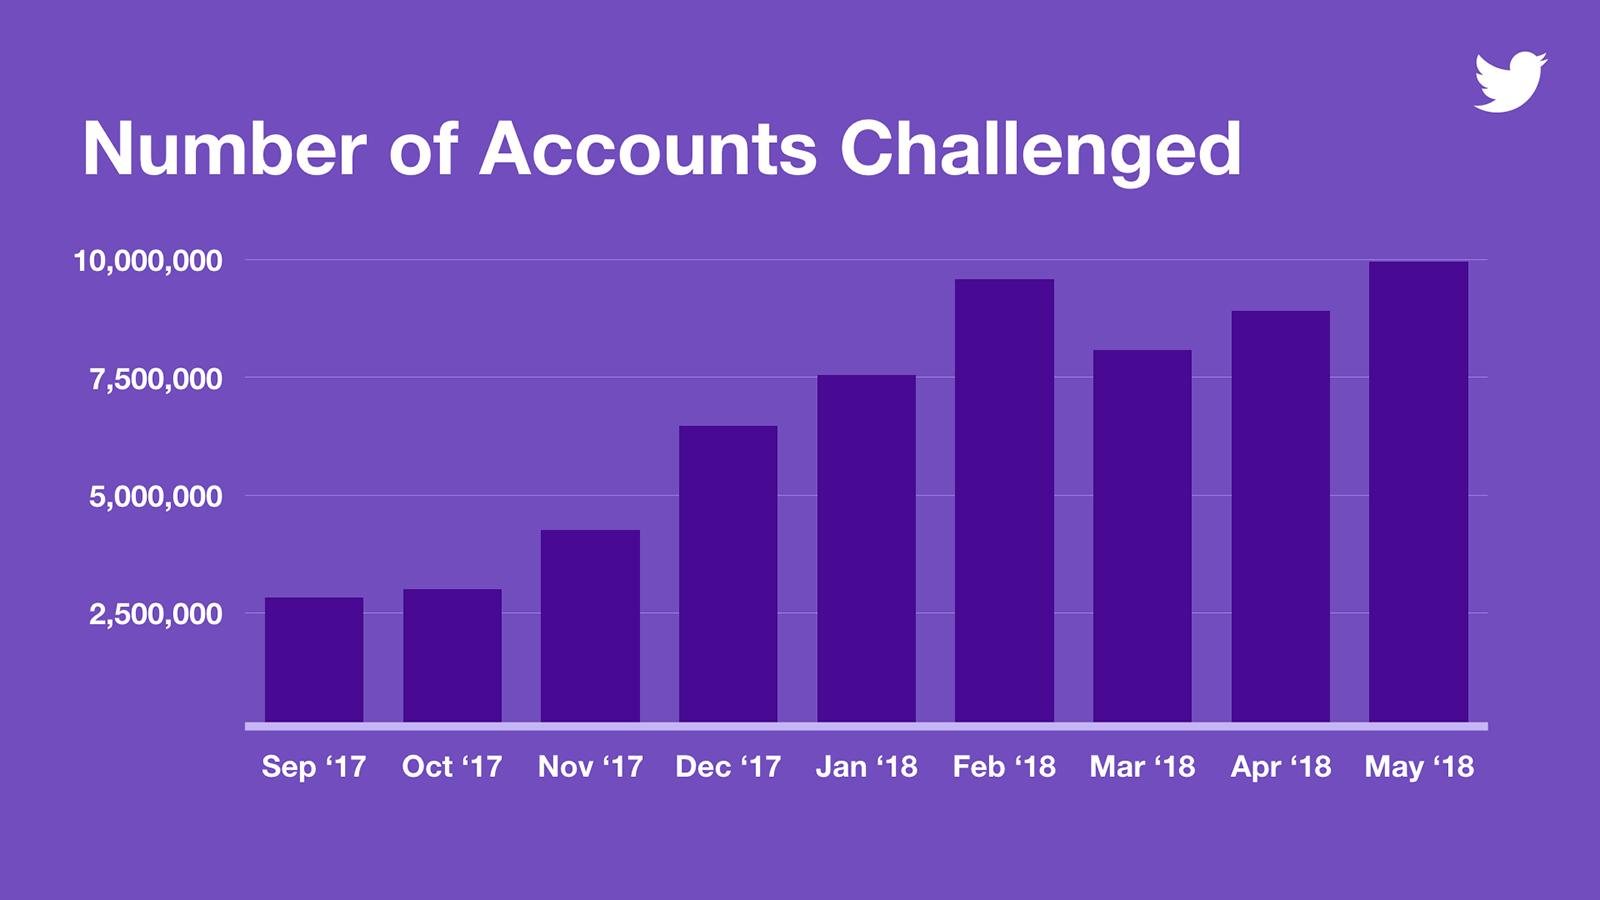 Nieuw proces om geautomatiseerde berichten en spam op Twitter tegen te gaan